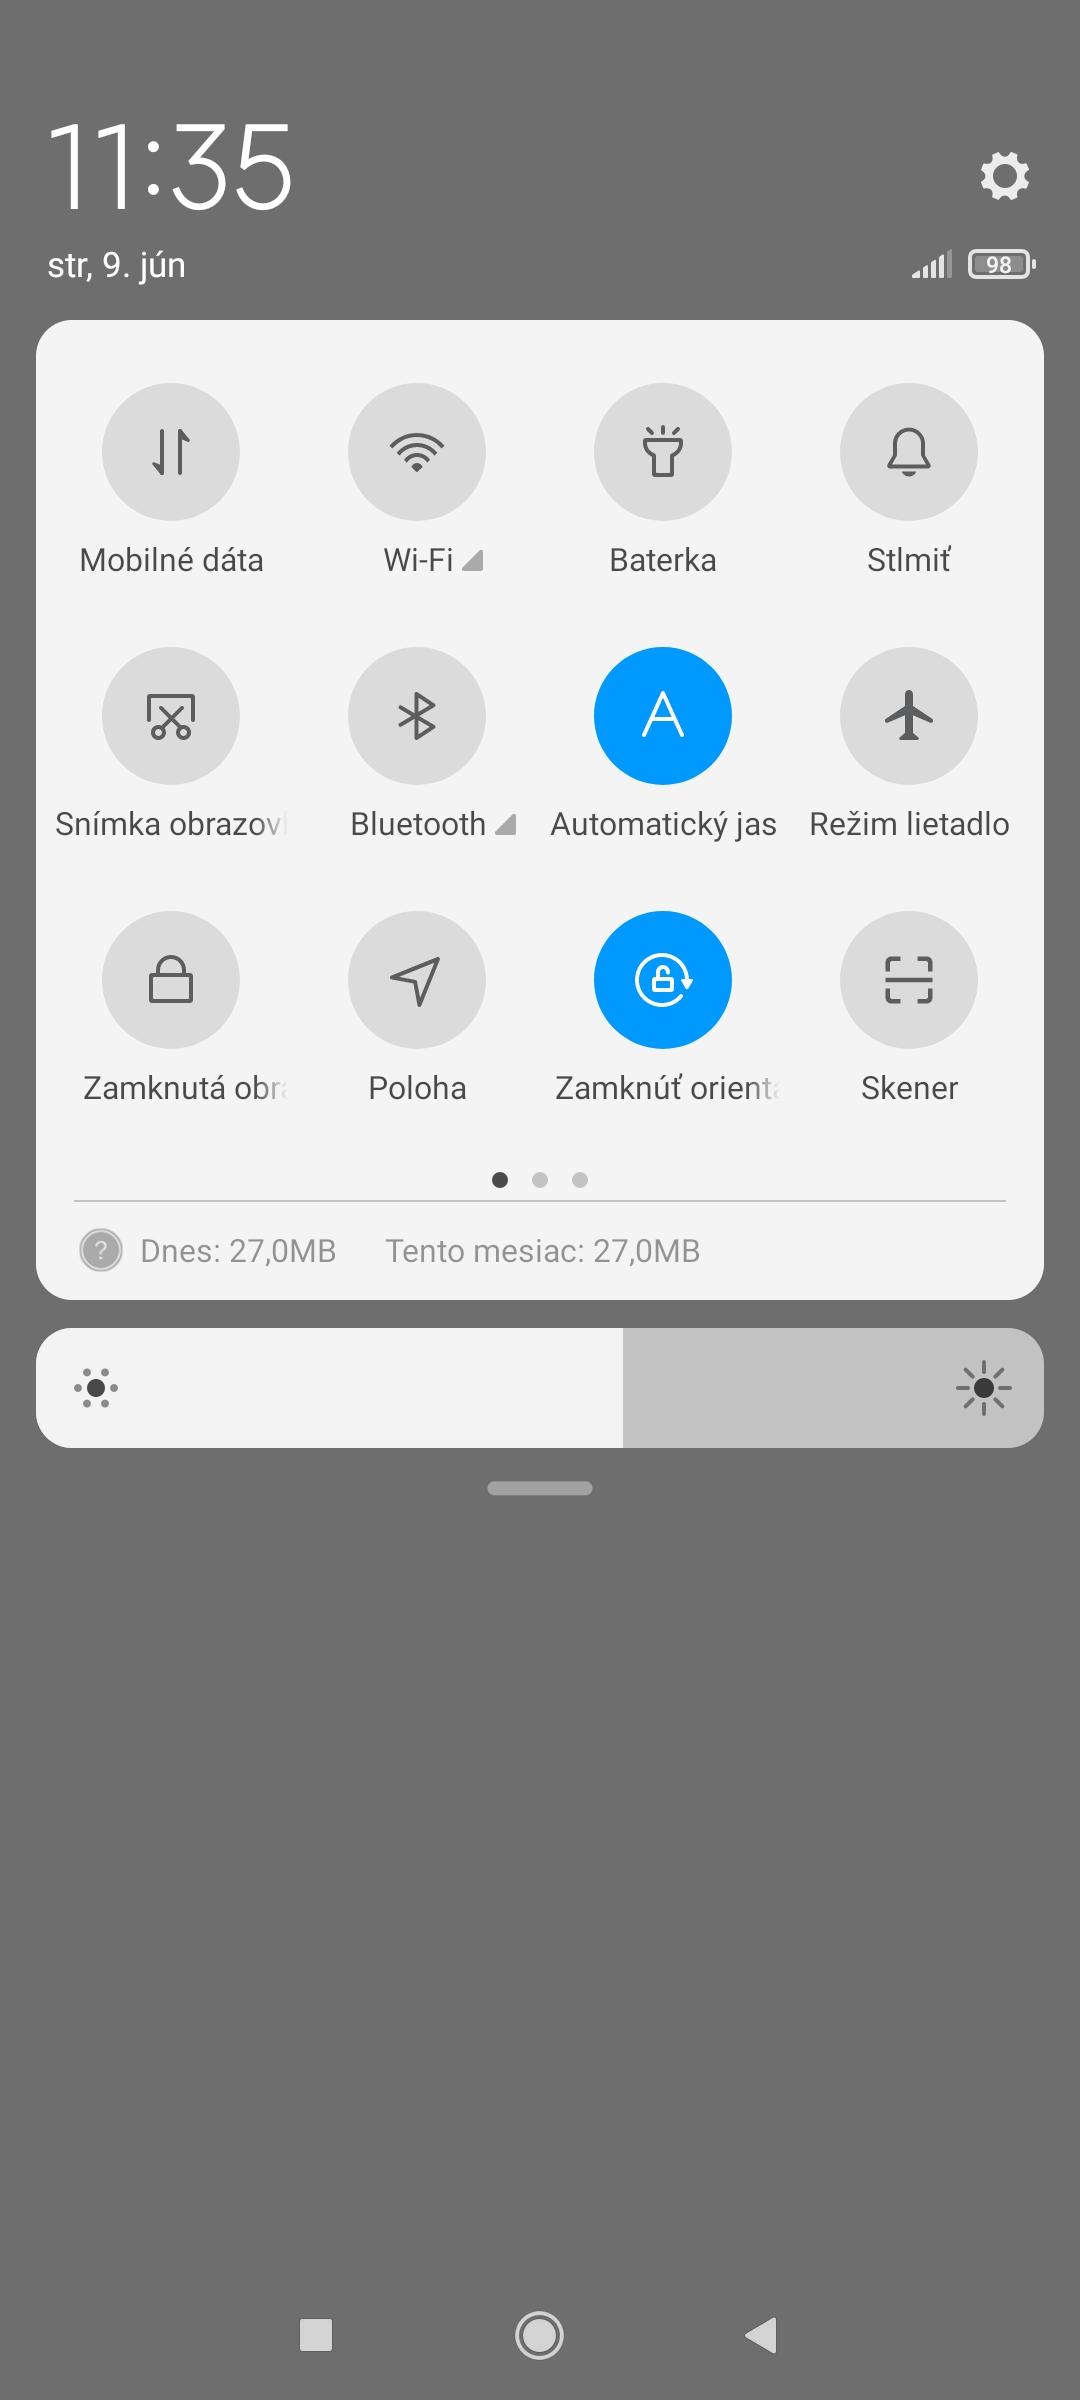 Redmi Note 10 5G - MIUI 12 notifikačná lišta